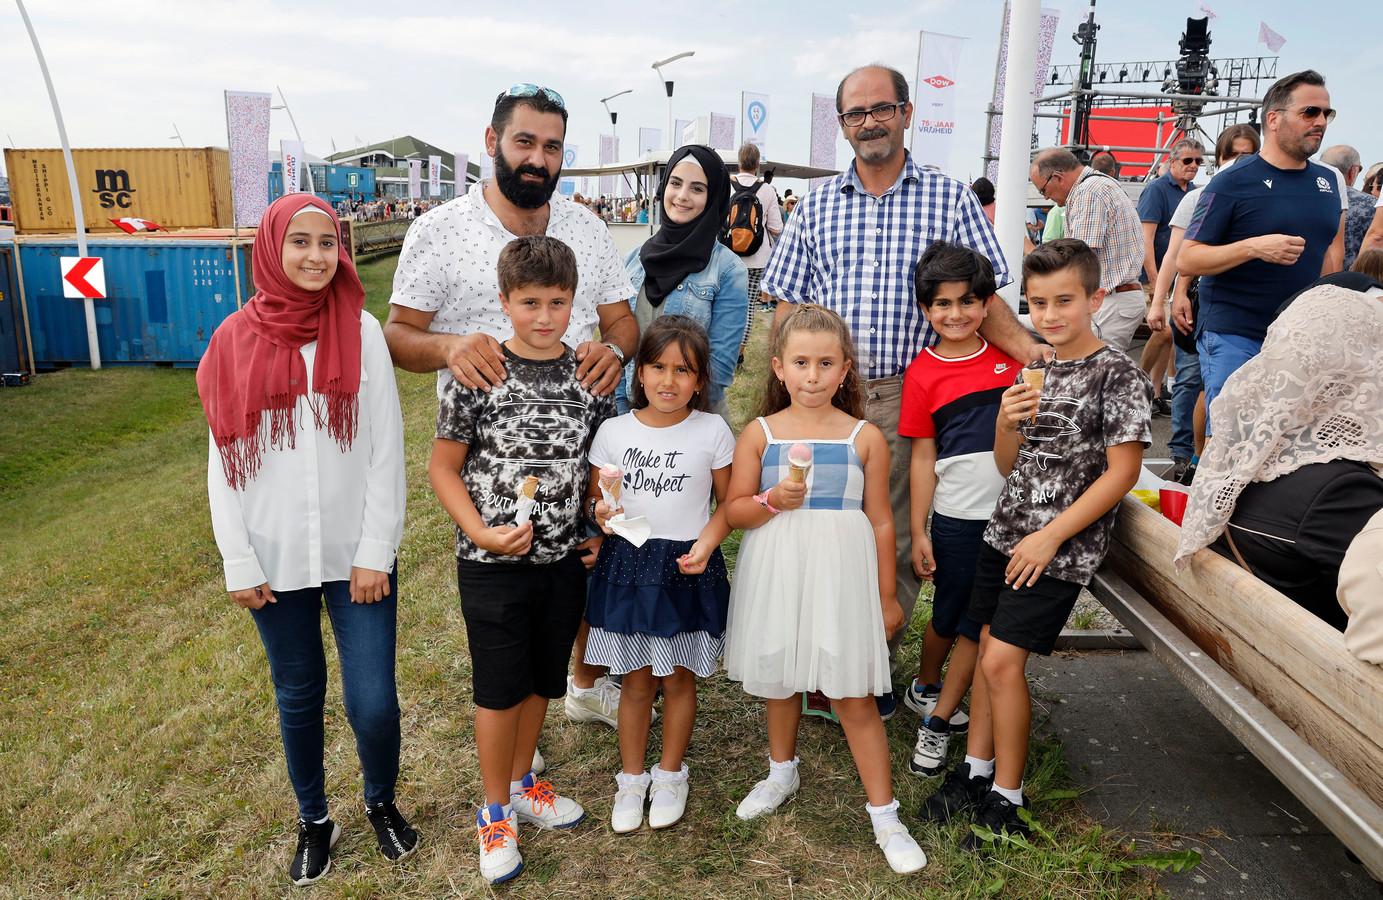 Gevluchte Syrische gezinnen vieren 75 jaar vrijheid mee in Terneuzen, Jehad Kembaz (tweede van links) en Samer Aljani (met geruit overhemd).